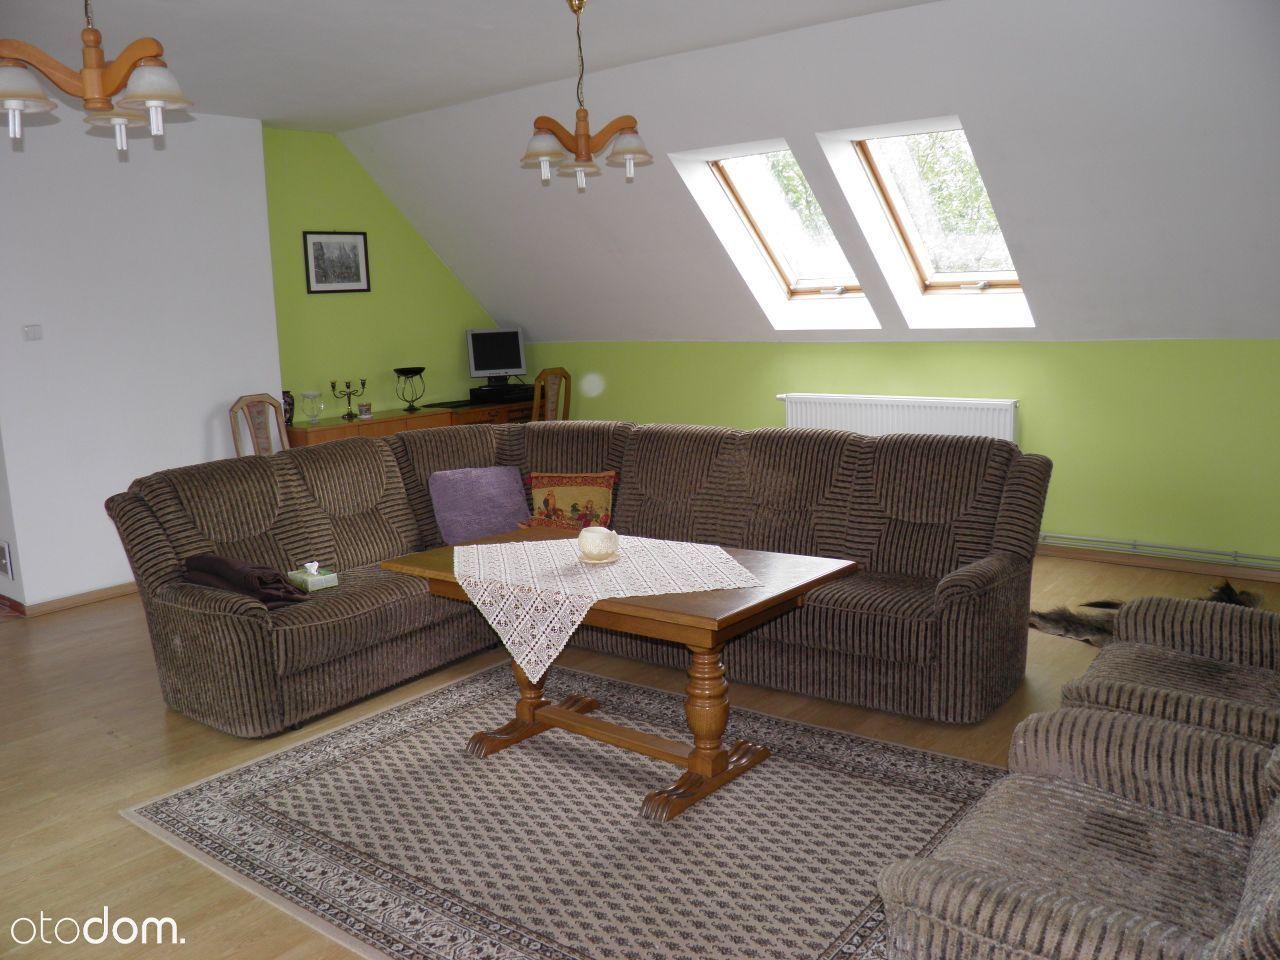 Dom na sprzedaż, Nowa Wieś Tworoska, tarnogórski, śląskie - Foto 1